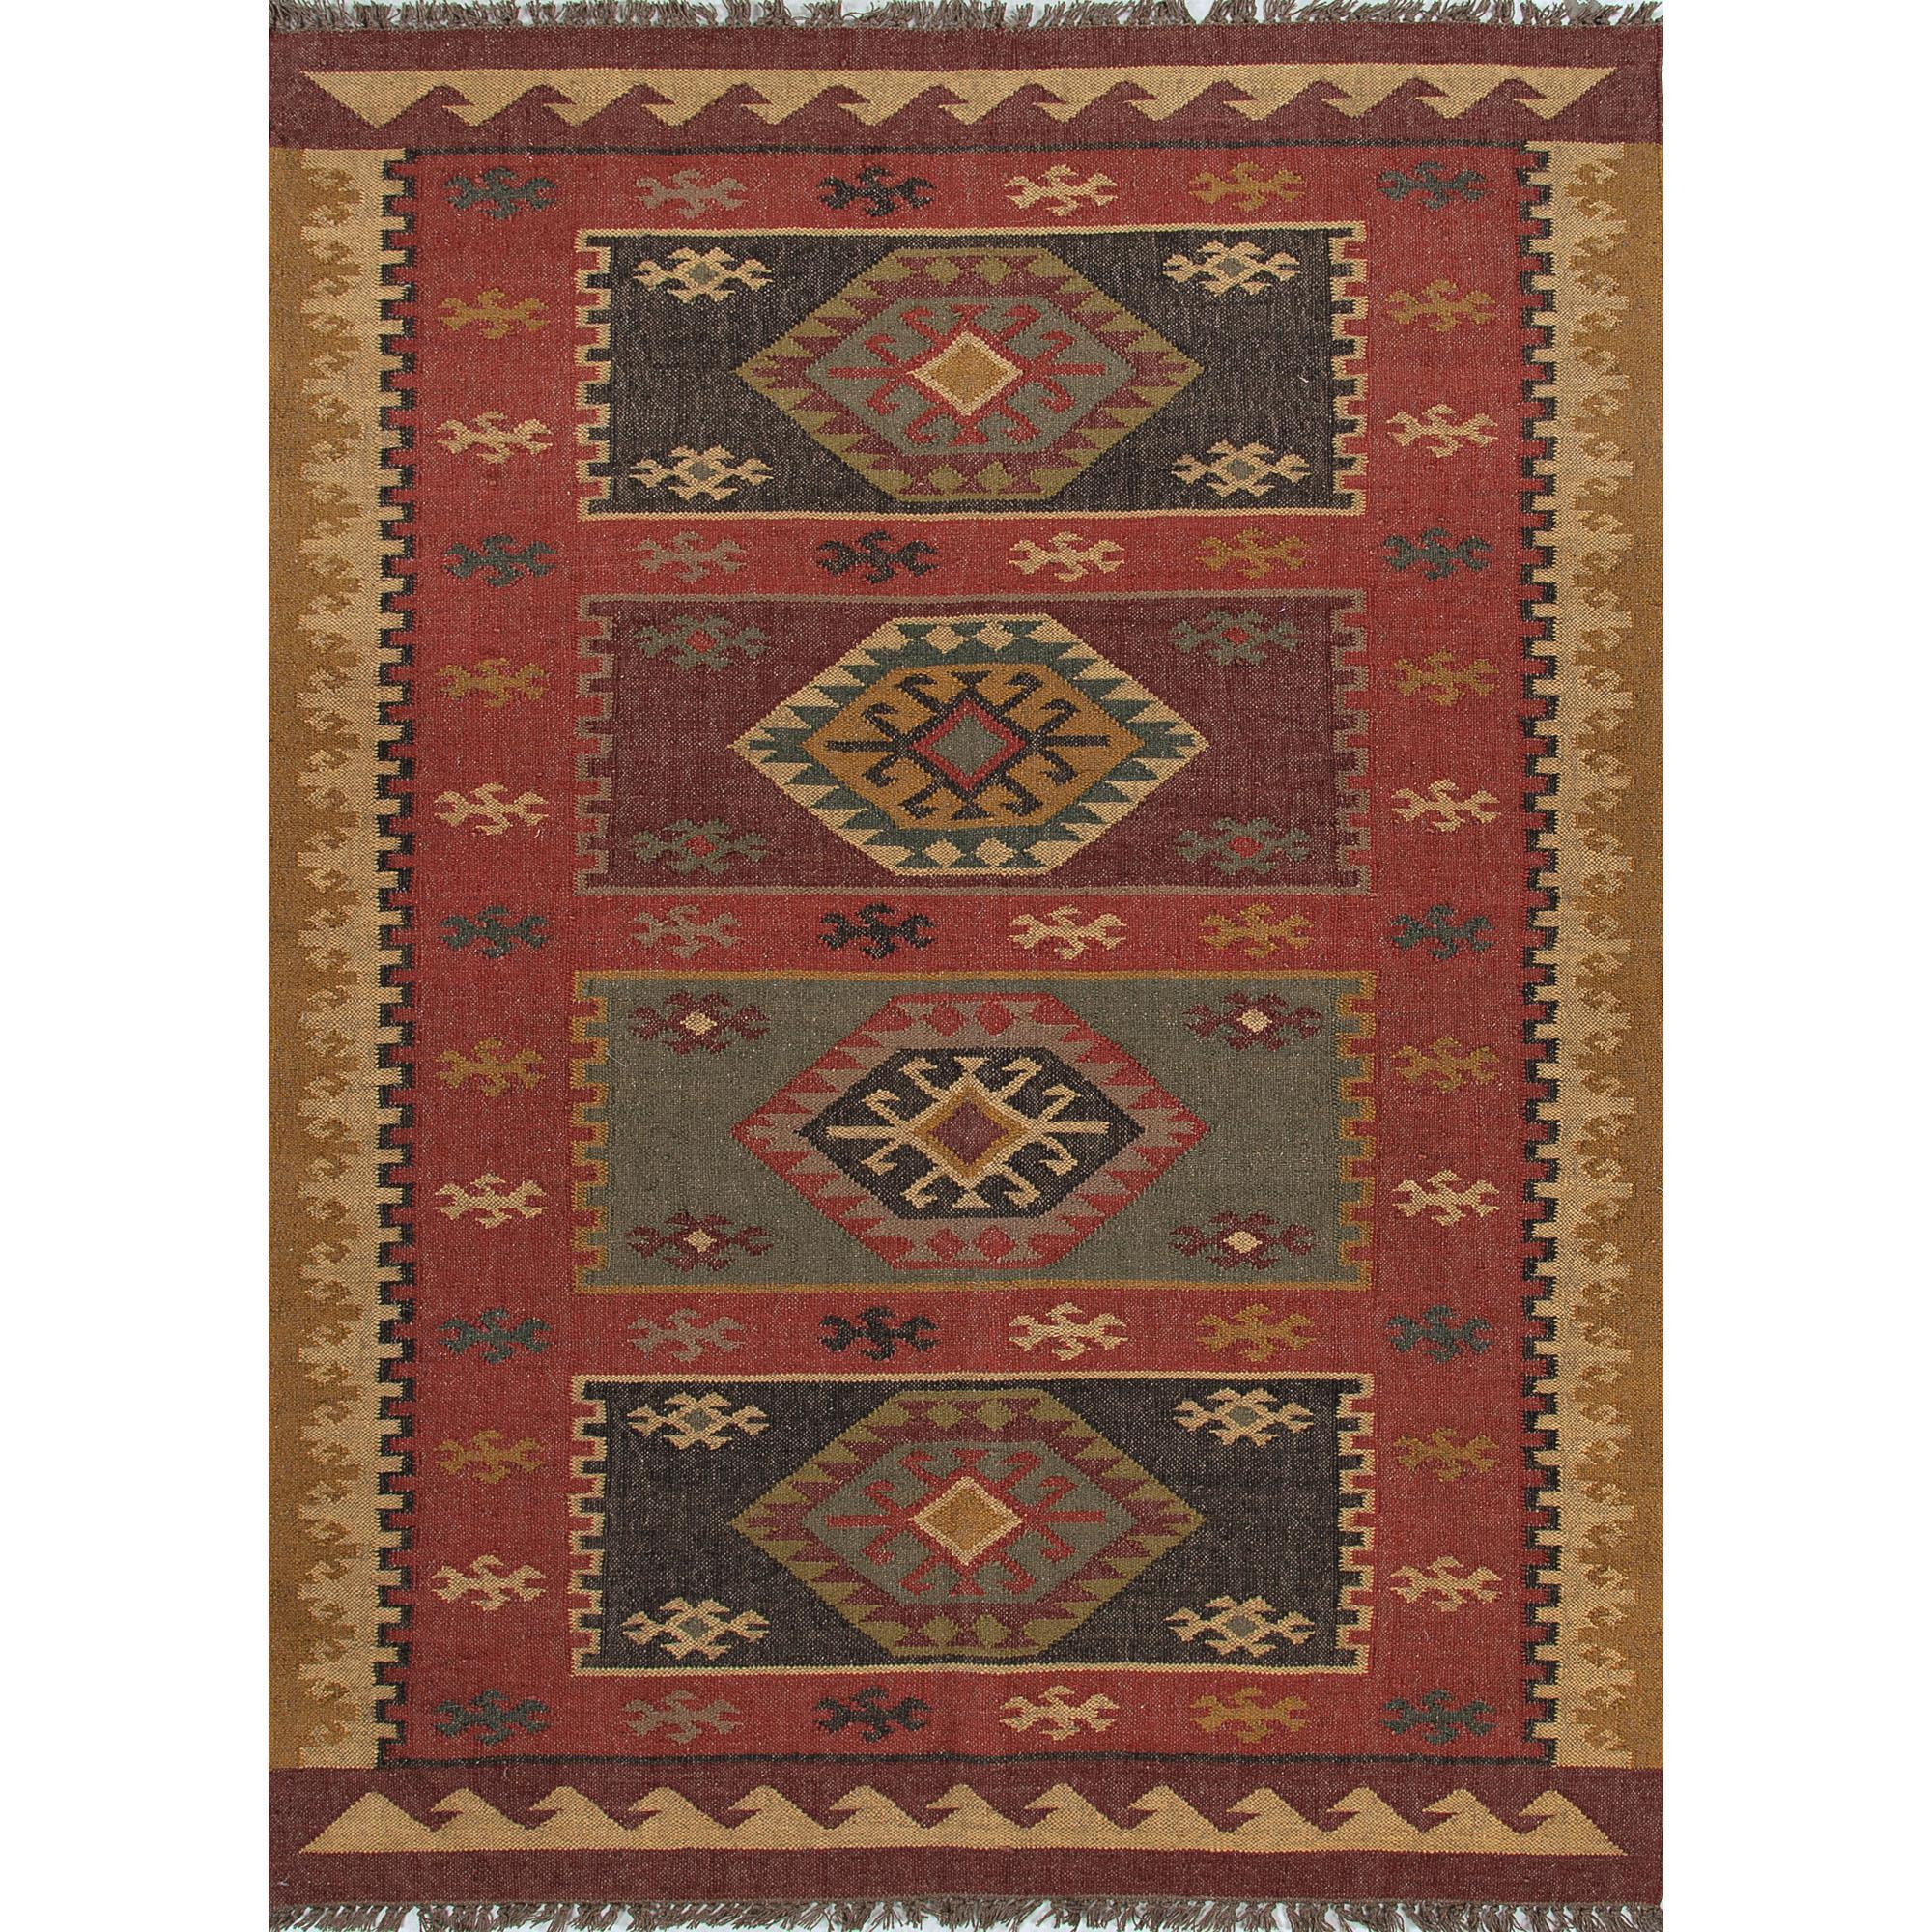 JAIPUR Rugs Bedouin 2 x 3 Rug - Item Number: RUG100281